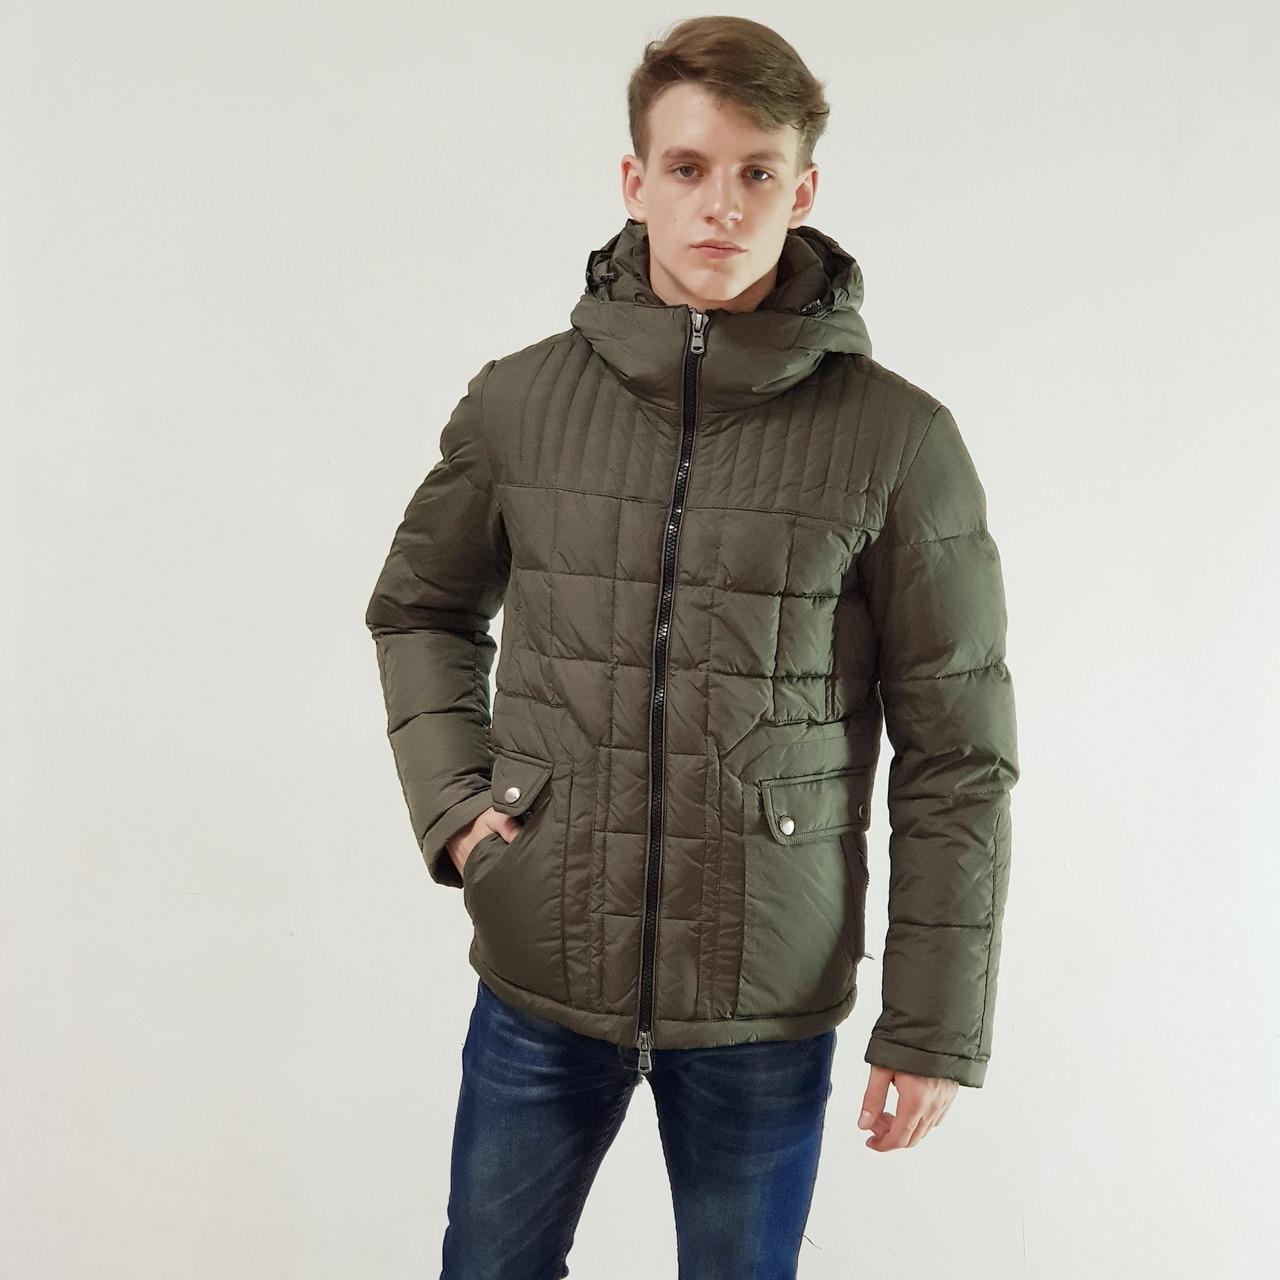 Куртка мужская зимняя Snowimage с капюшоном 50 оливковый 124-4413